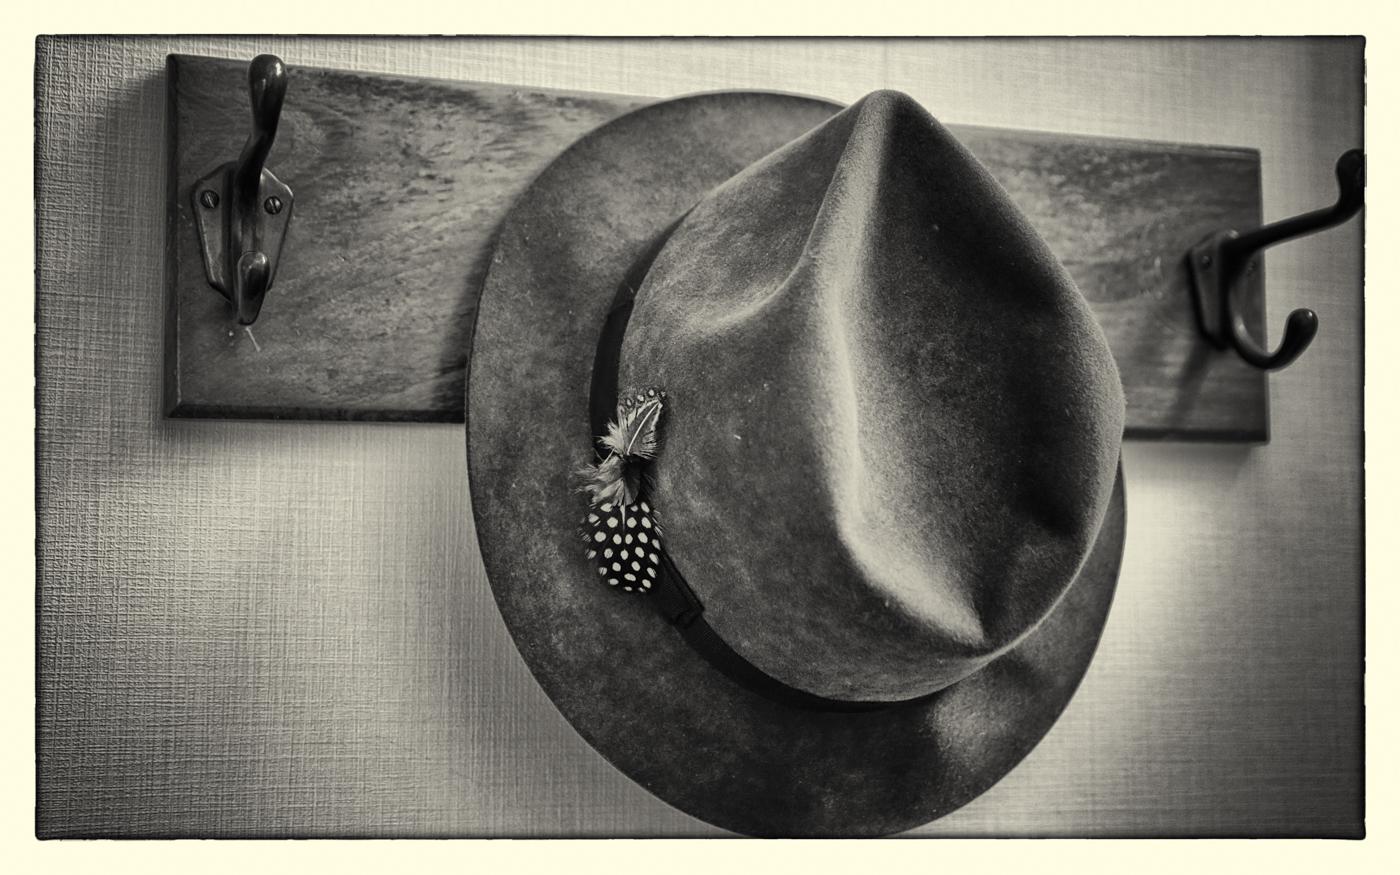 009-Grandads-old-hat-by-Paul-Lehane